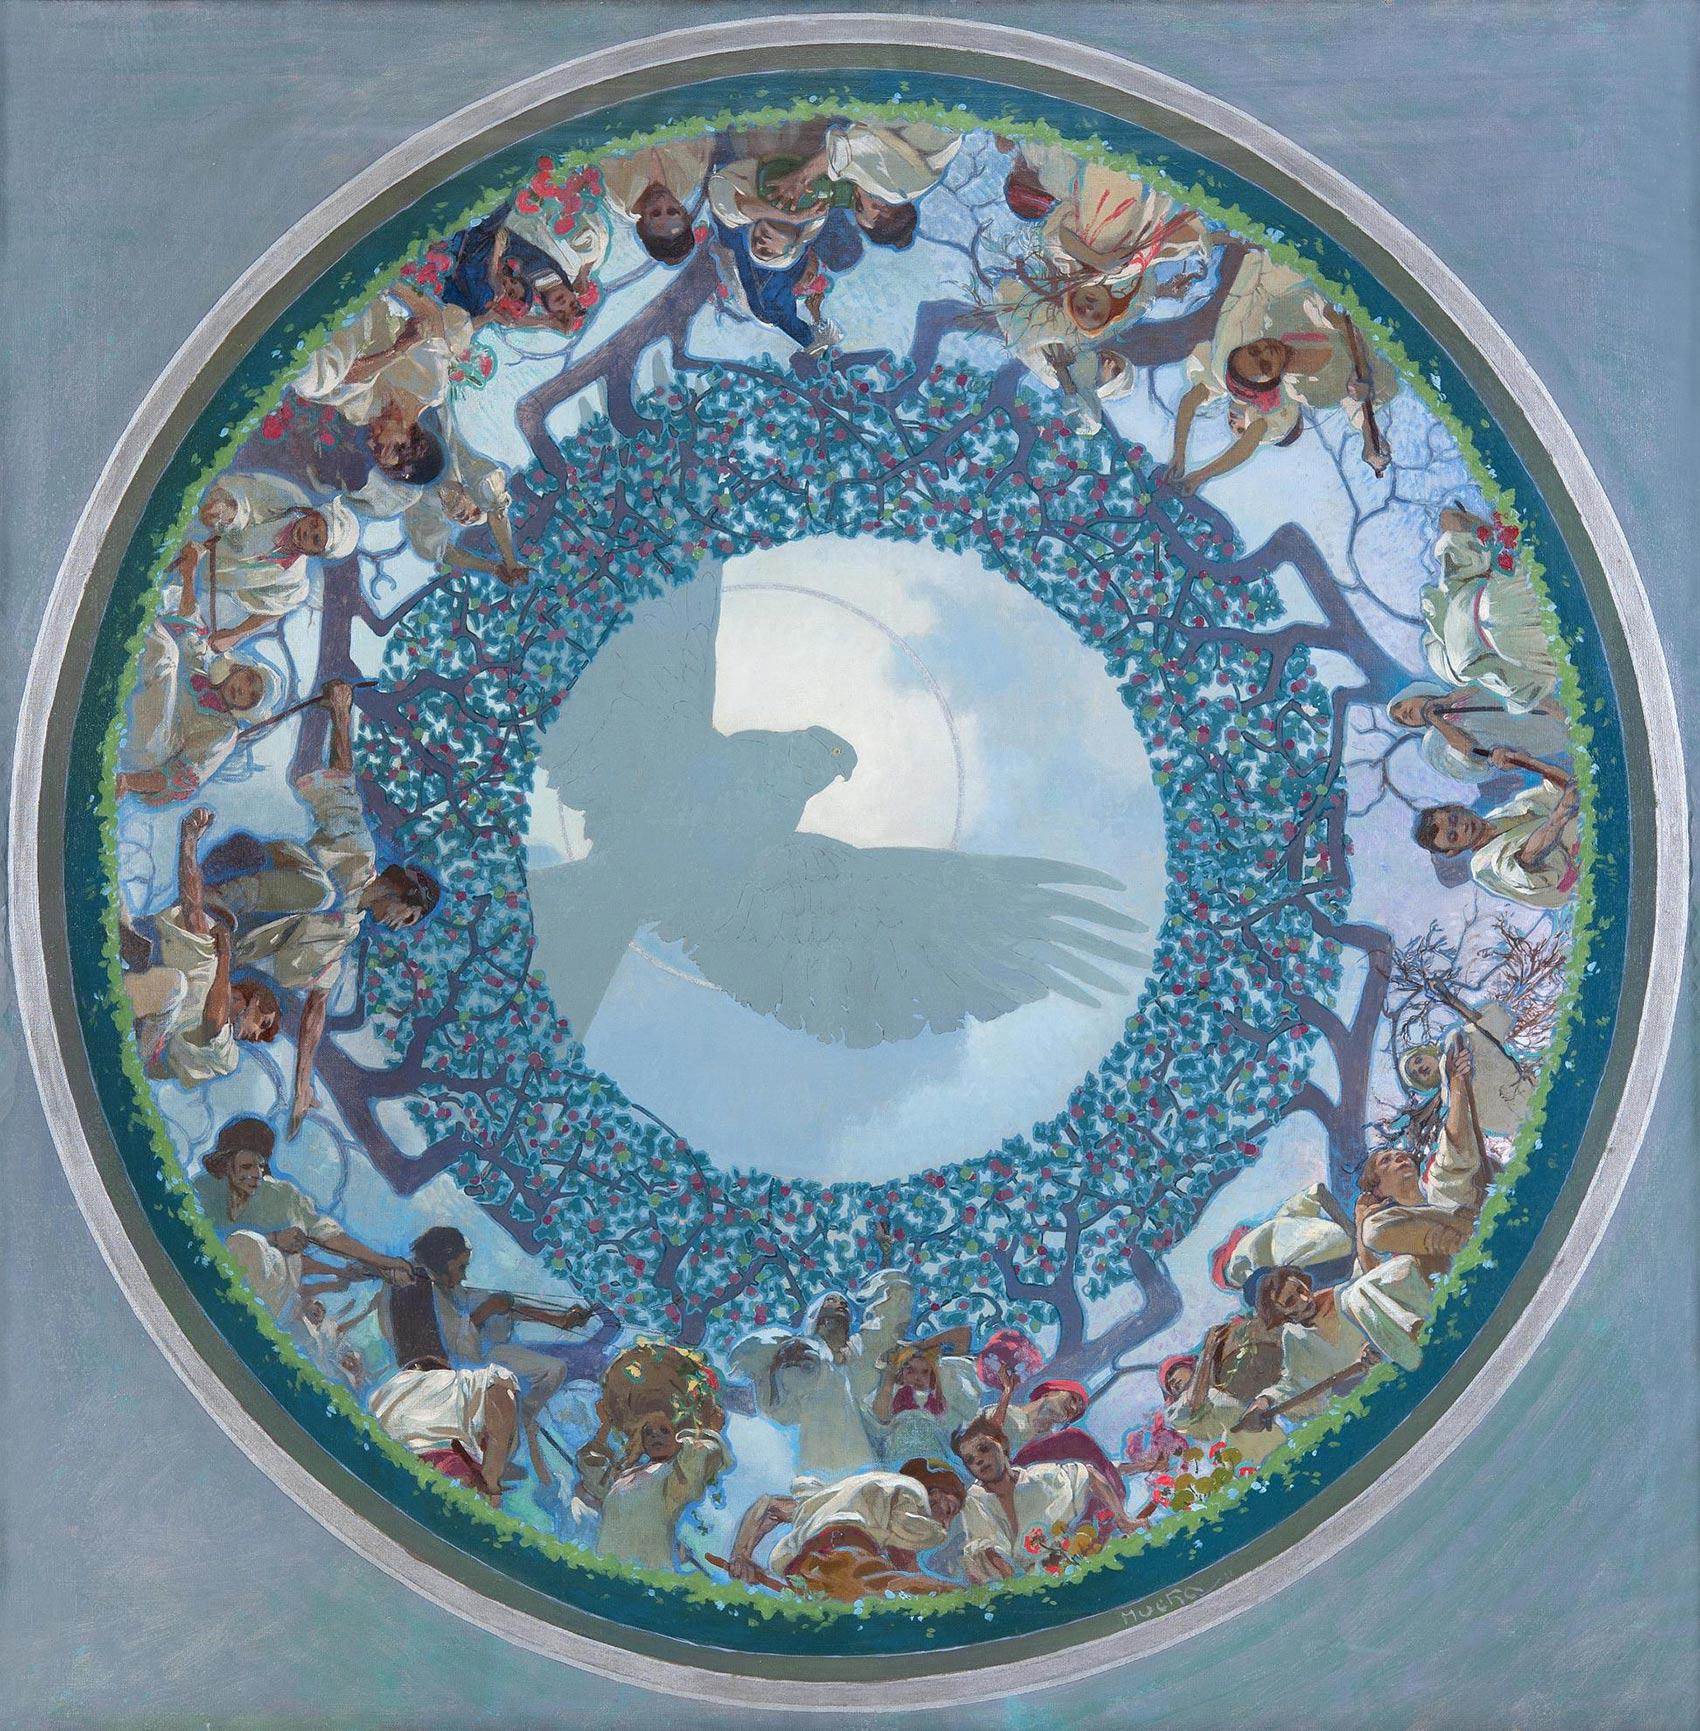 《スラヴの連帯》プラハ市庁舎天井画(下絵)1910-11年 プラハ市立美術館 ©Prague City Gallery